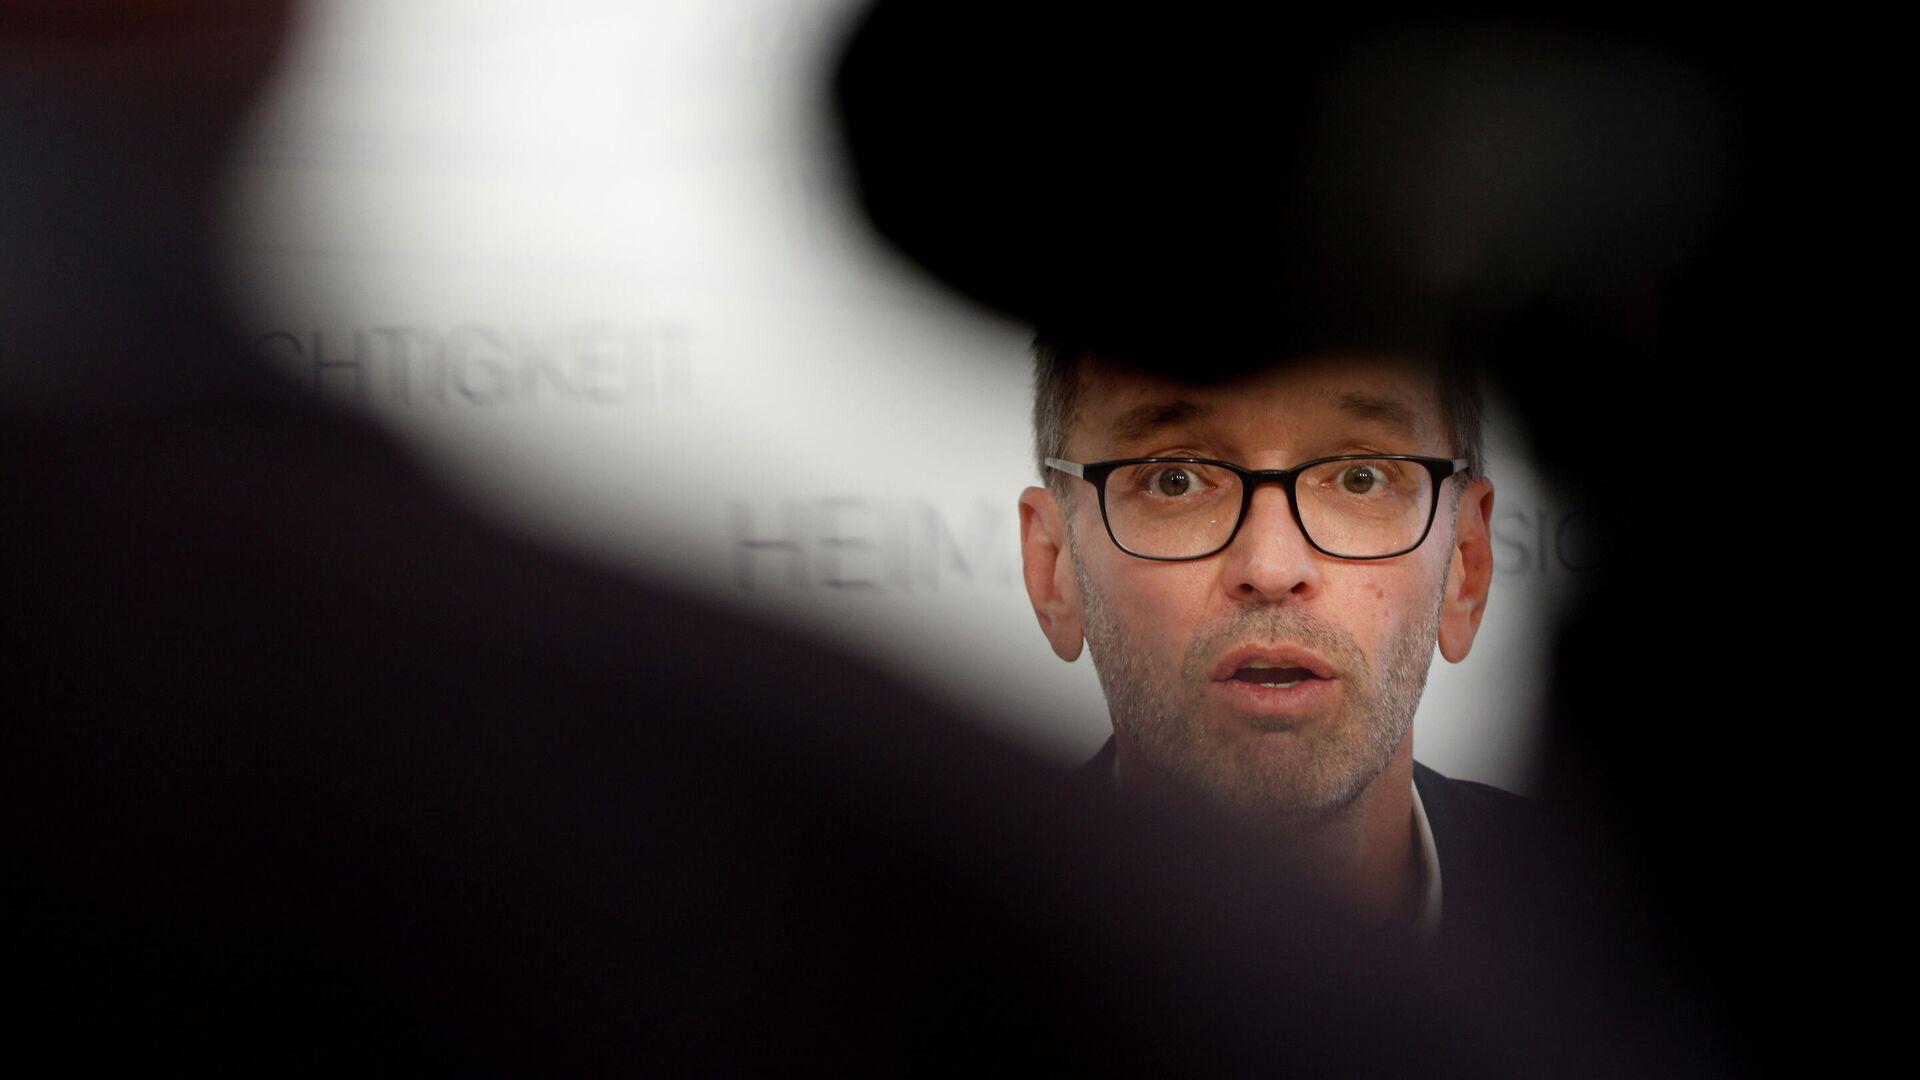 Der Vorsitzende der Freiheitlichen Partei Österreichs (FPÖ) Herbert Kickl nimmt am 9. September 2021 in Wien an einer Pressekonferenz im Rahmen der anhaltenden Ausbreitung der Coronavirus-Krankheit (COVID-19) teil.  - SNA, 1920, 21.09.2021